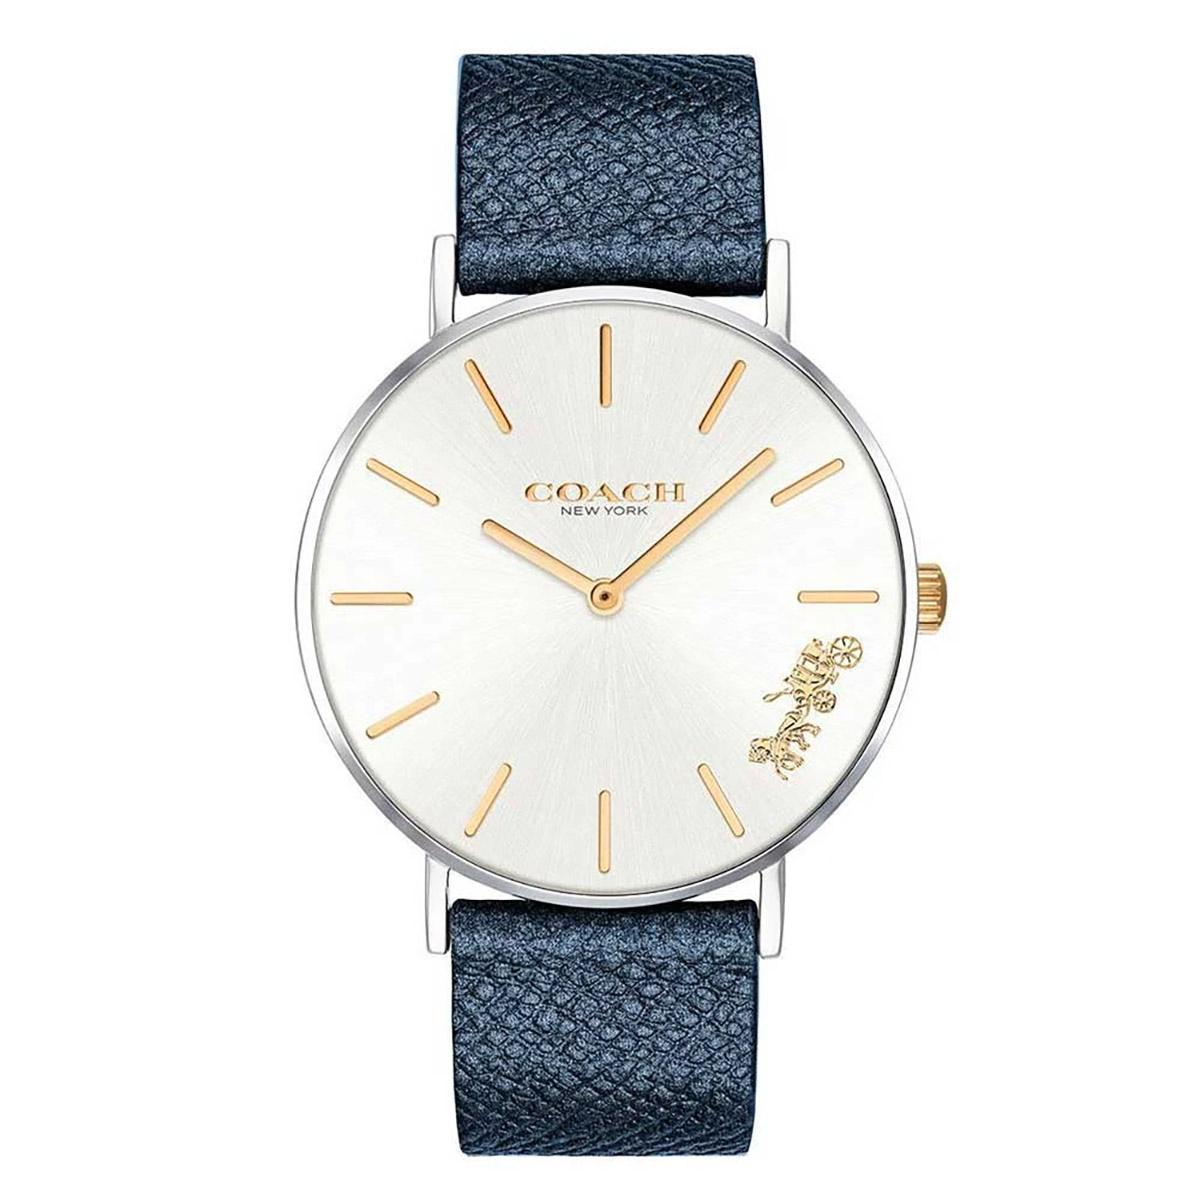 コーチ 海外正規品 送料無料 あす楽 時計 レディース 腕時計 メーカー公式ショップ PERRY レザー ブランド 14503156 プレゼント 安い ペリー 販売実績No.1 ゴールド ネイビー